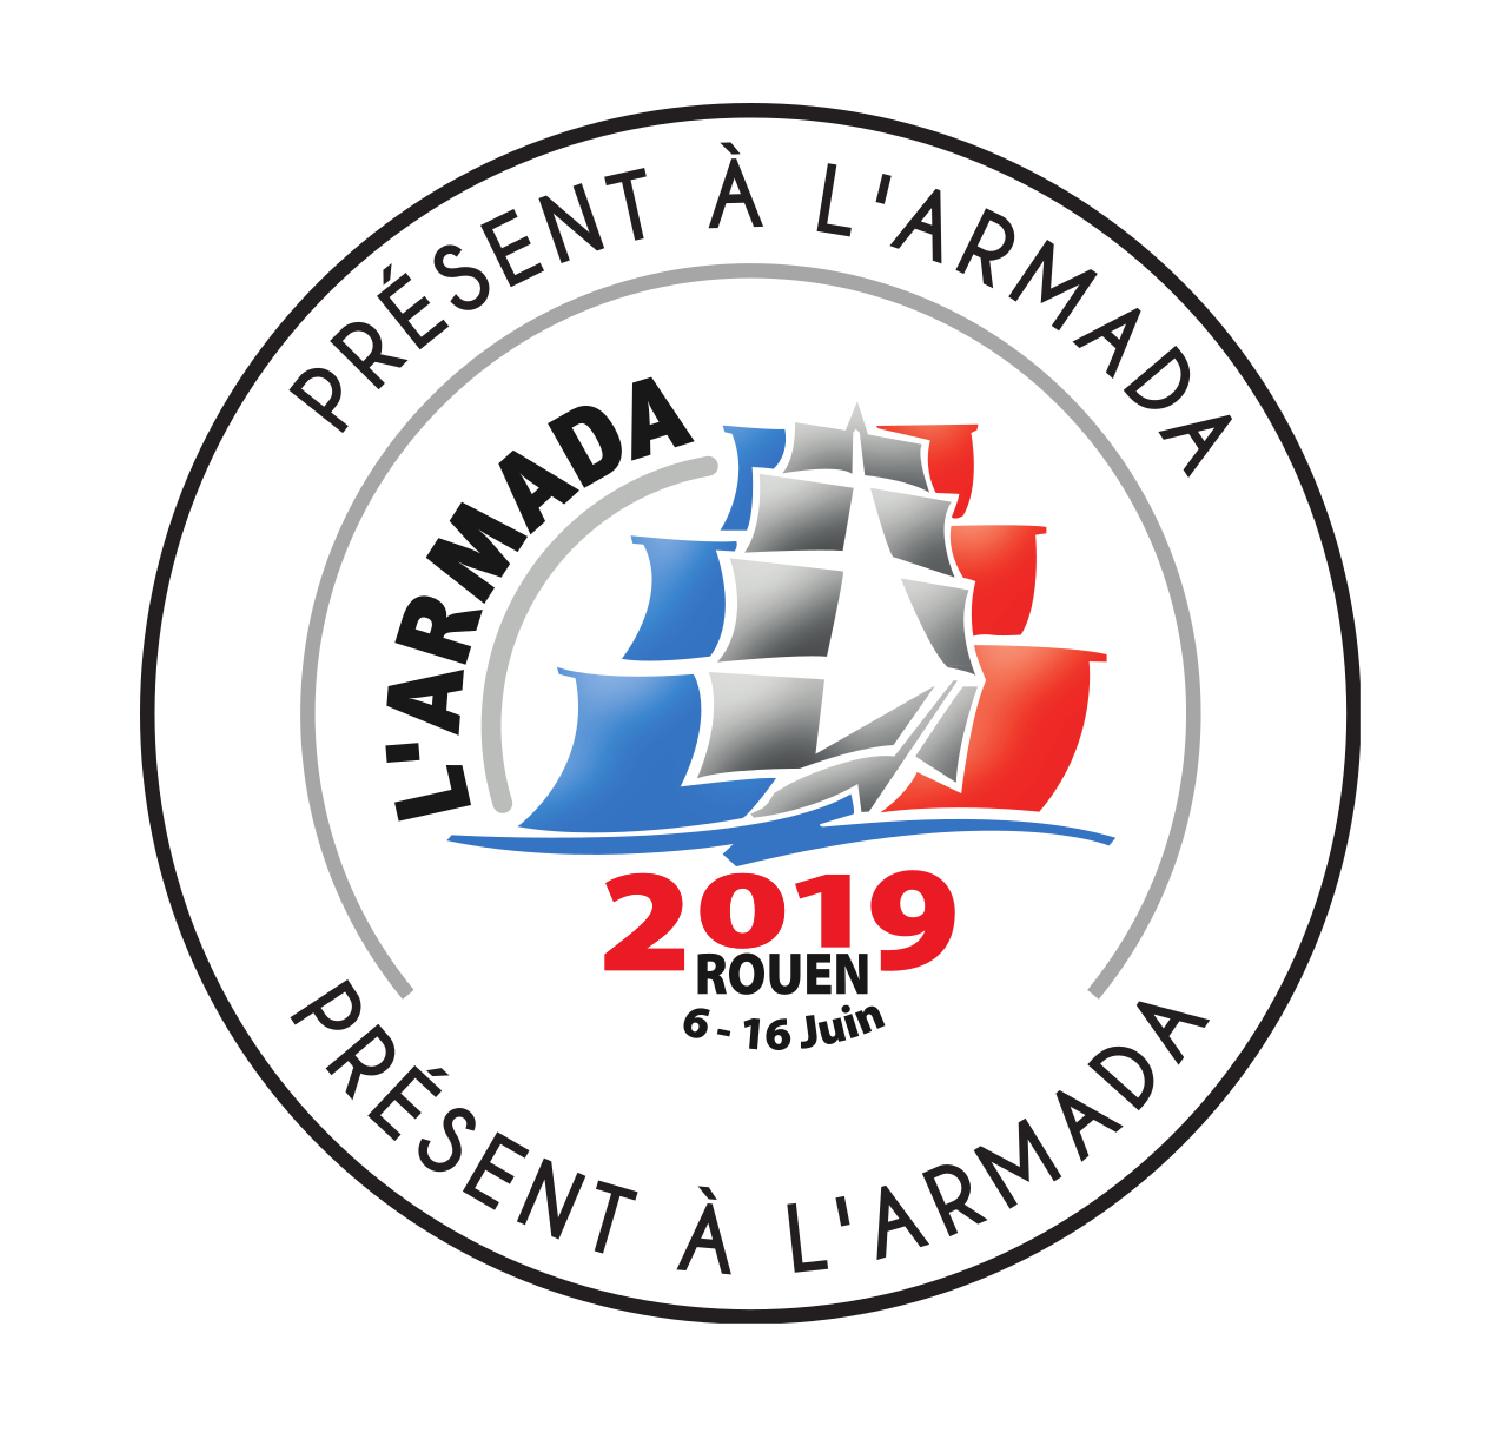 AGENCE VIA : FOURNISSEUR OFFICIEL DE L'ARMADA 2019 !